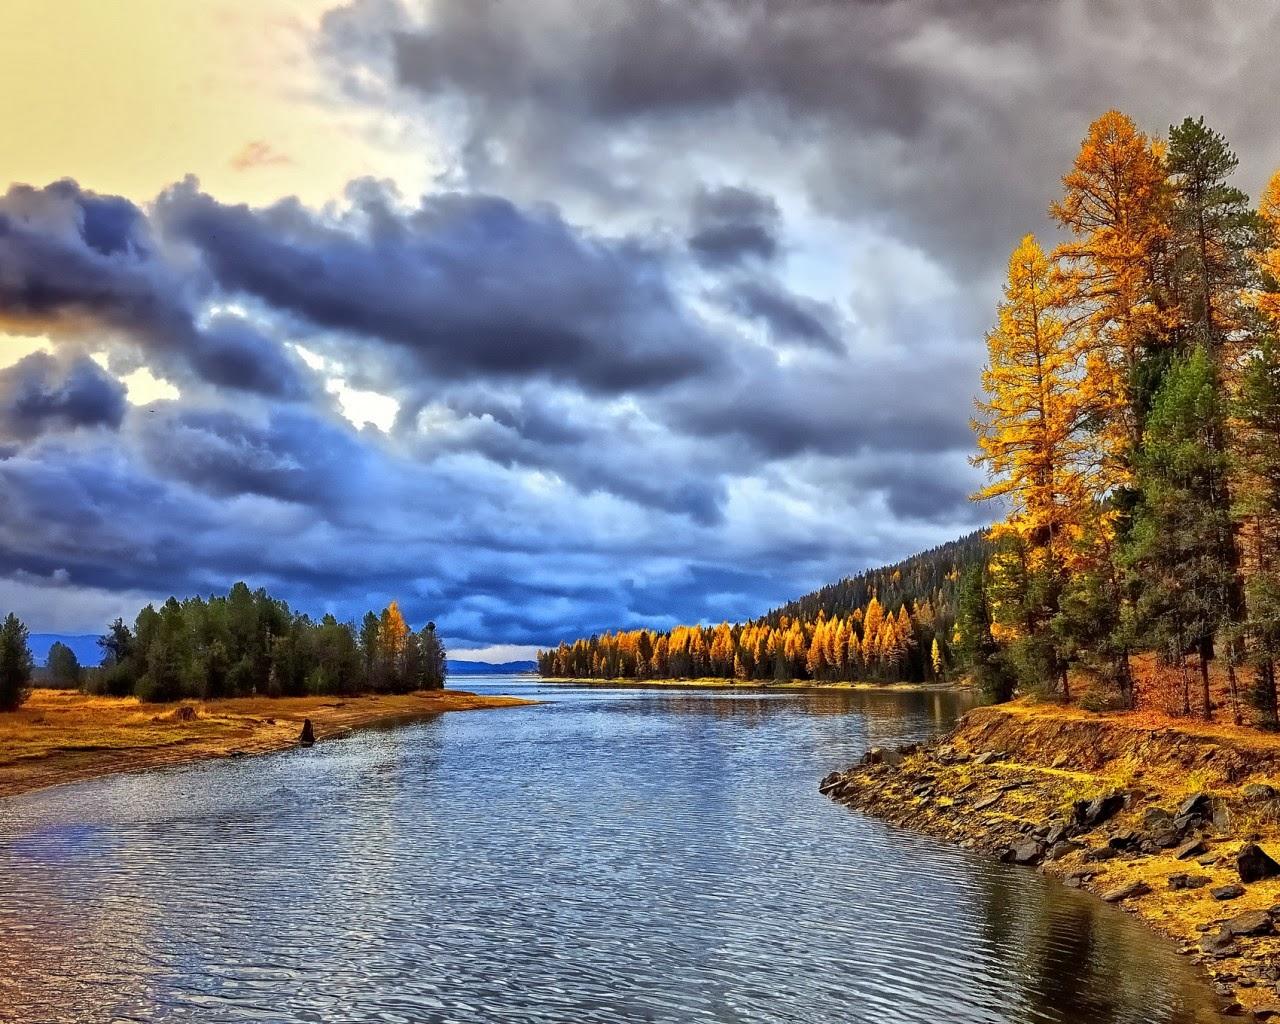 بالصور صور طبيعية صور للطبيعة صور انهار خلفيات طبيعية صور طبيعيه جديدة , بوستات مناظر حلوة 3958 1